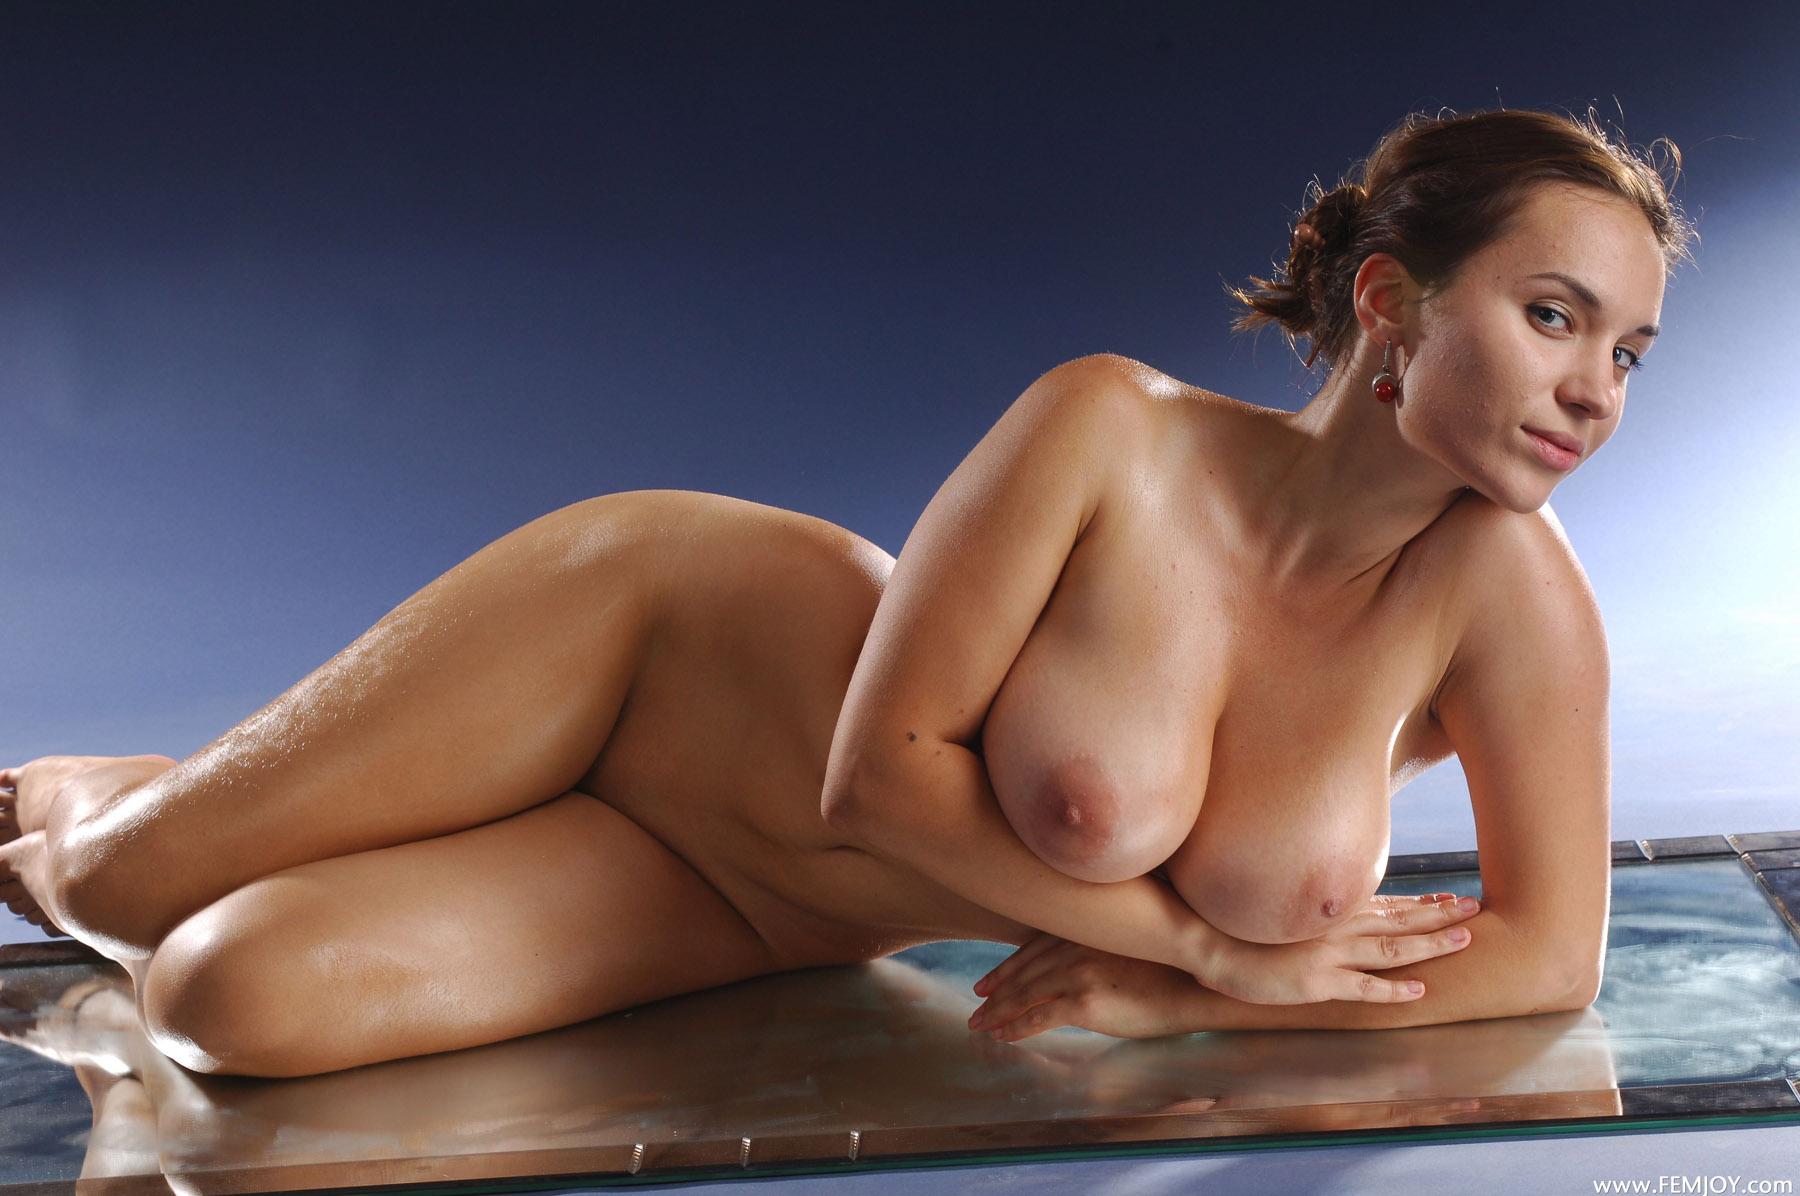 Смотреть голые формы, порно видео экстримальный анал